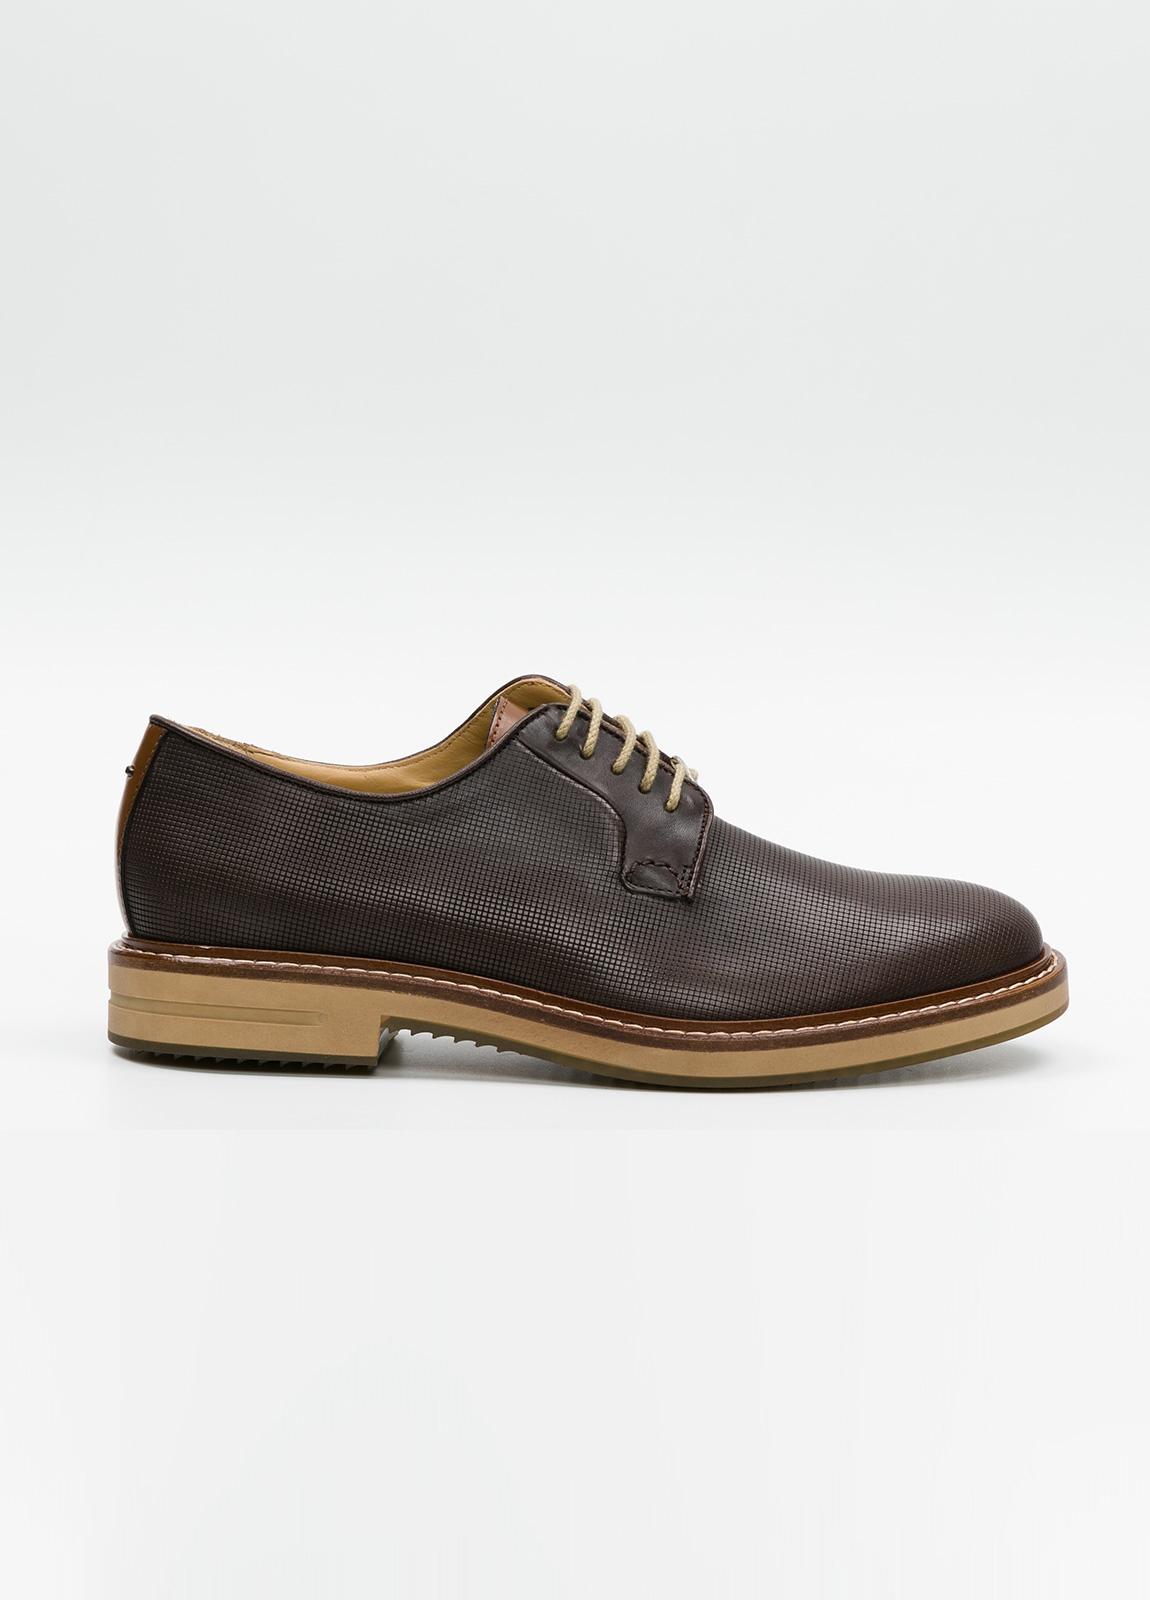 Zapato Formal Wear con cordones color marrón. 100% Piel grabada.